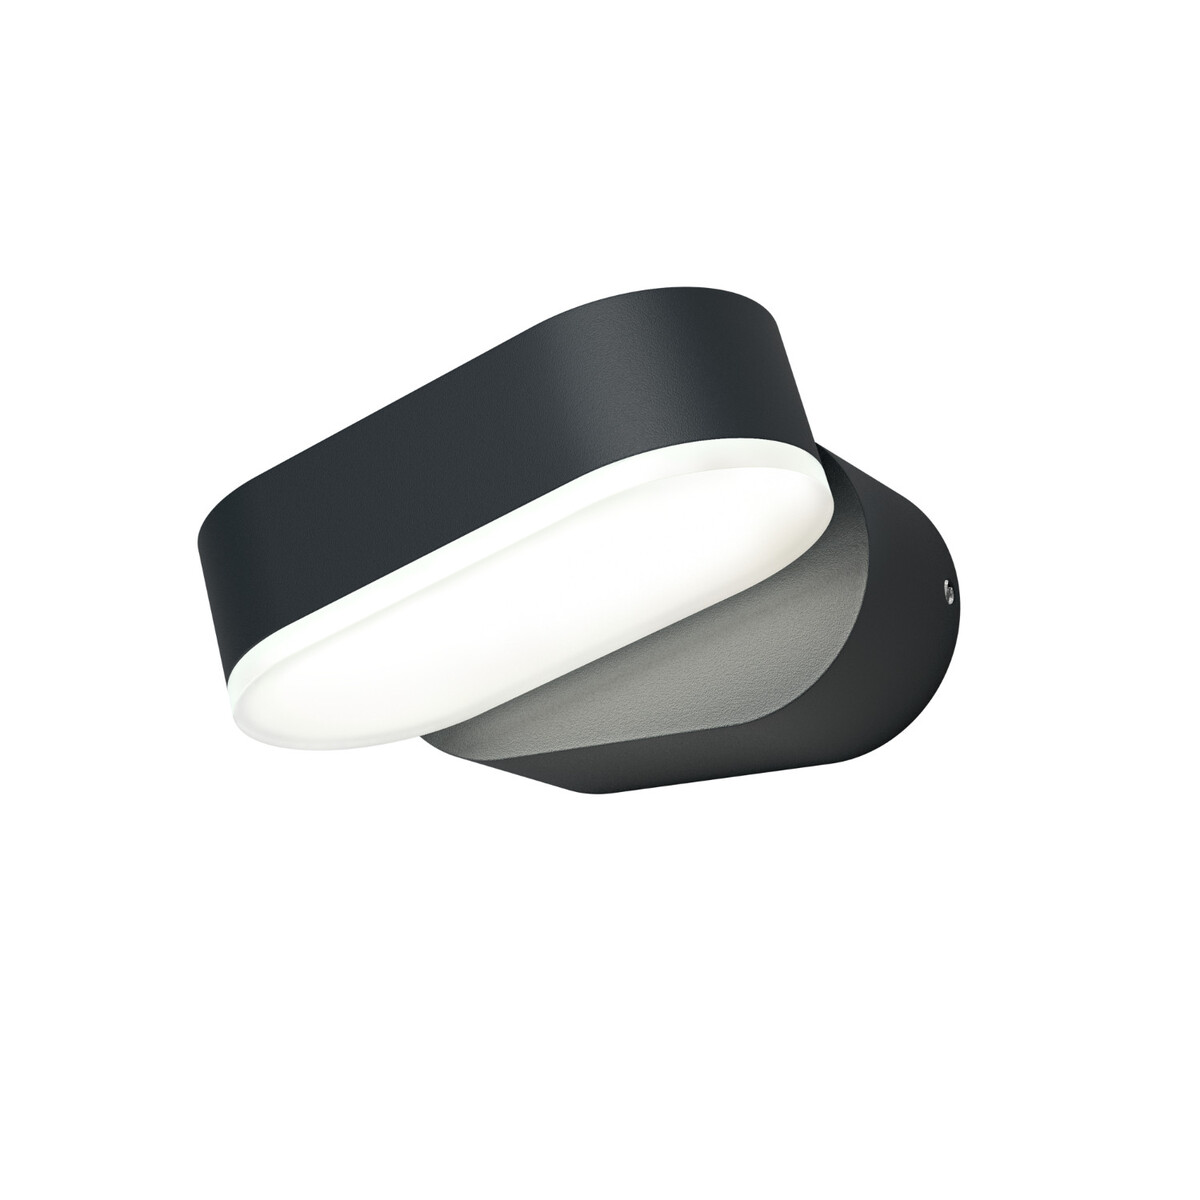 Bild 1 von Ledvance Außenleuchte Endura Style Mini Spot, 7,5W, Gehäuse Aluminium, dunkelgrau, ca. 10,0 x 11,0 x